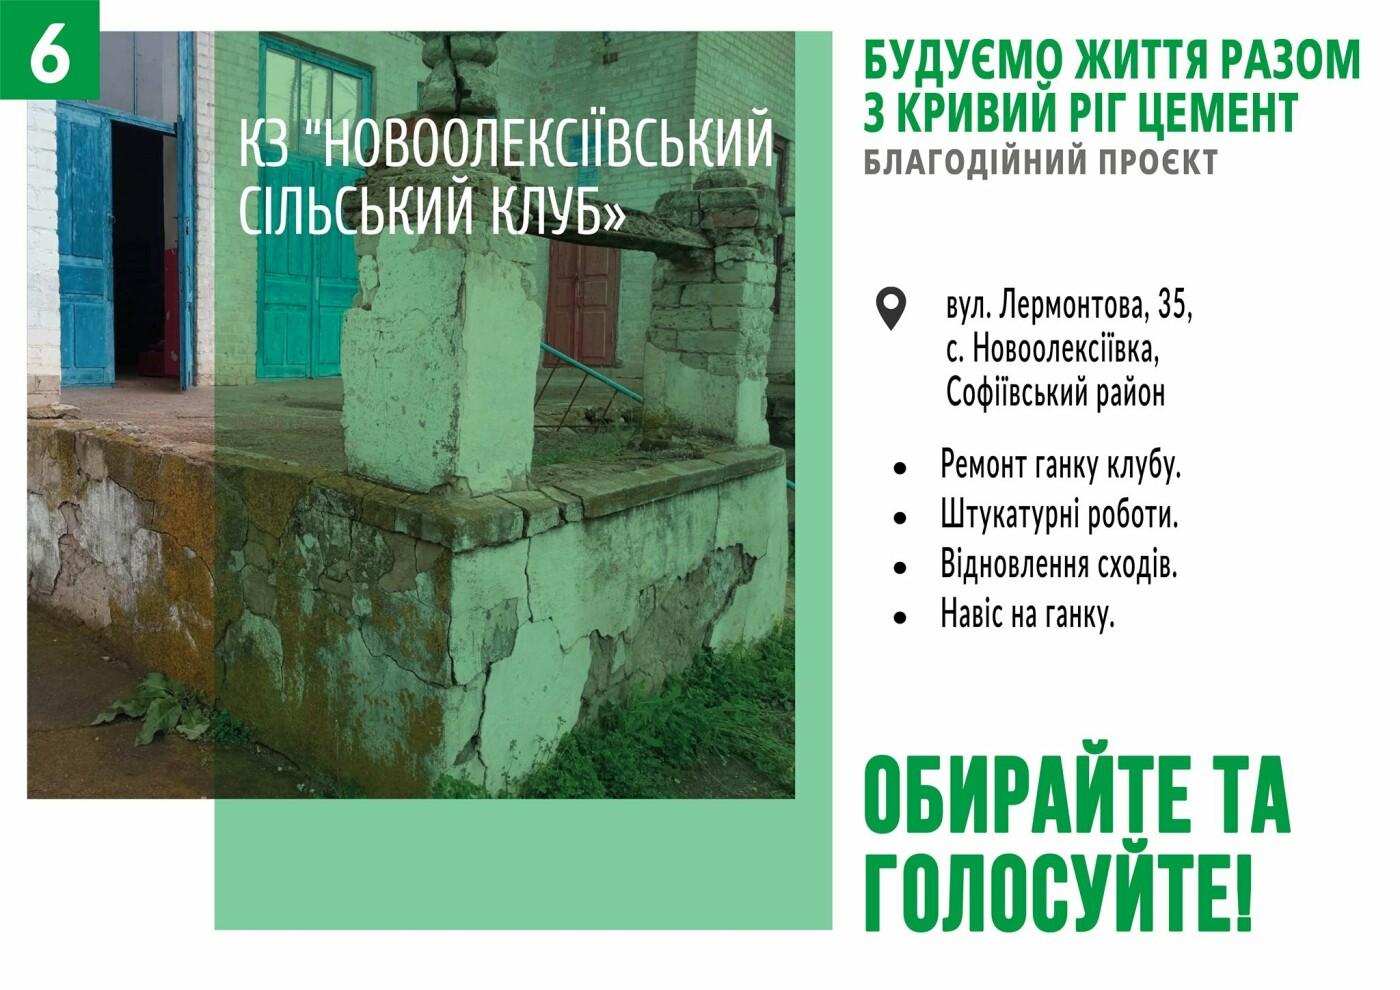 Начато голосование за объекты в рамках благотворительного проекта от компании «Кривой Рог Цемент», фото-6